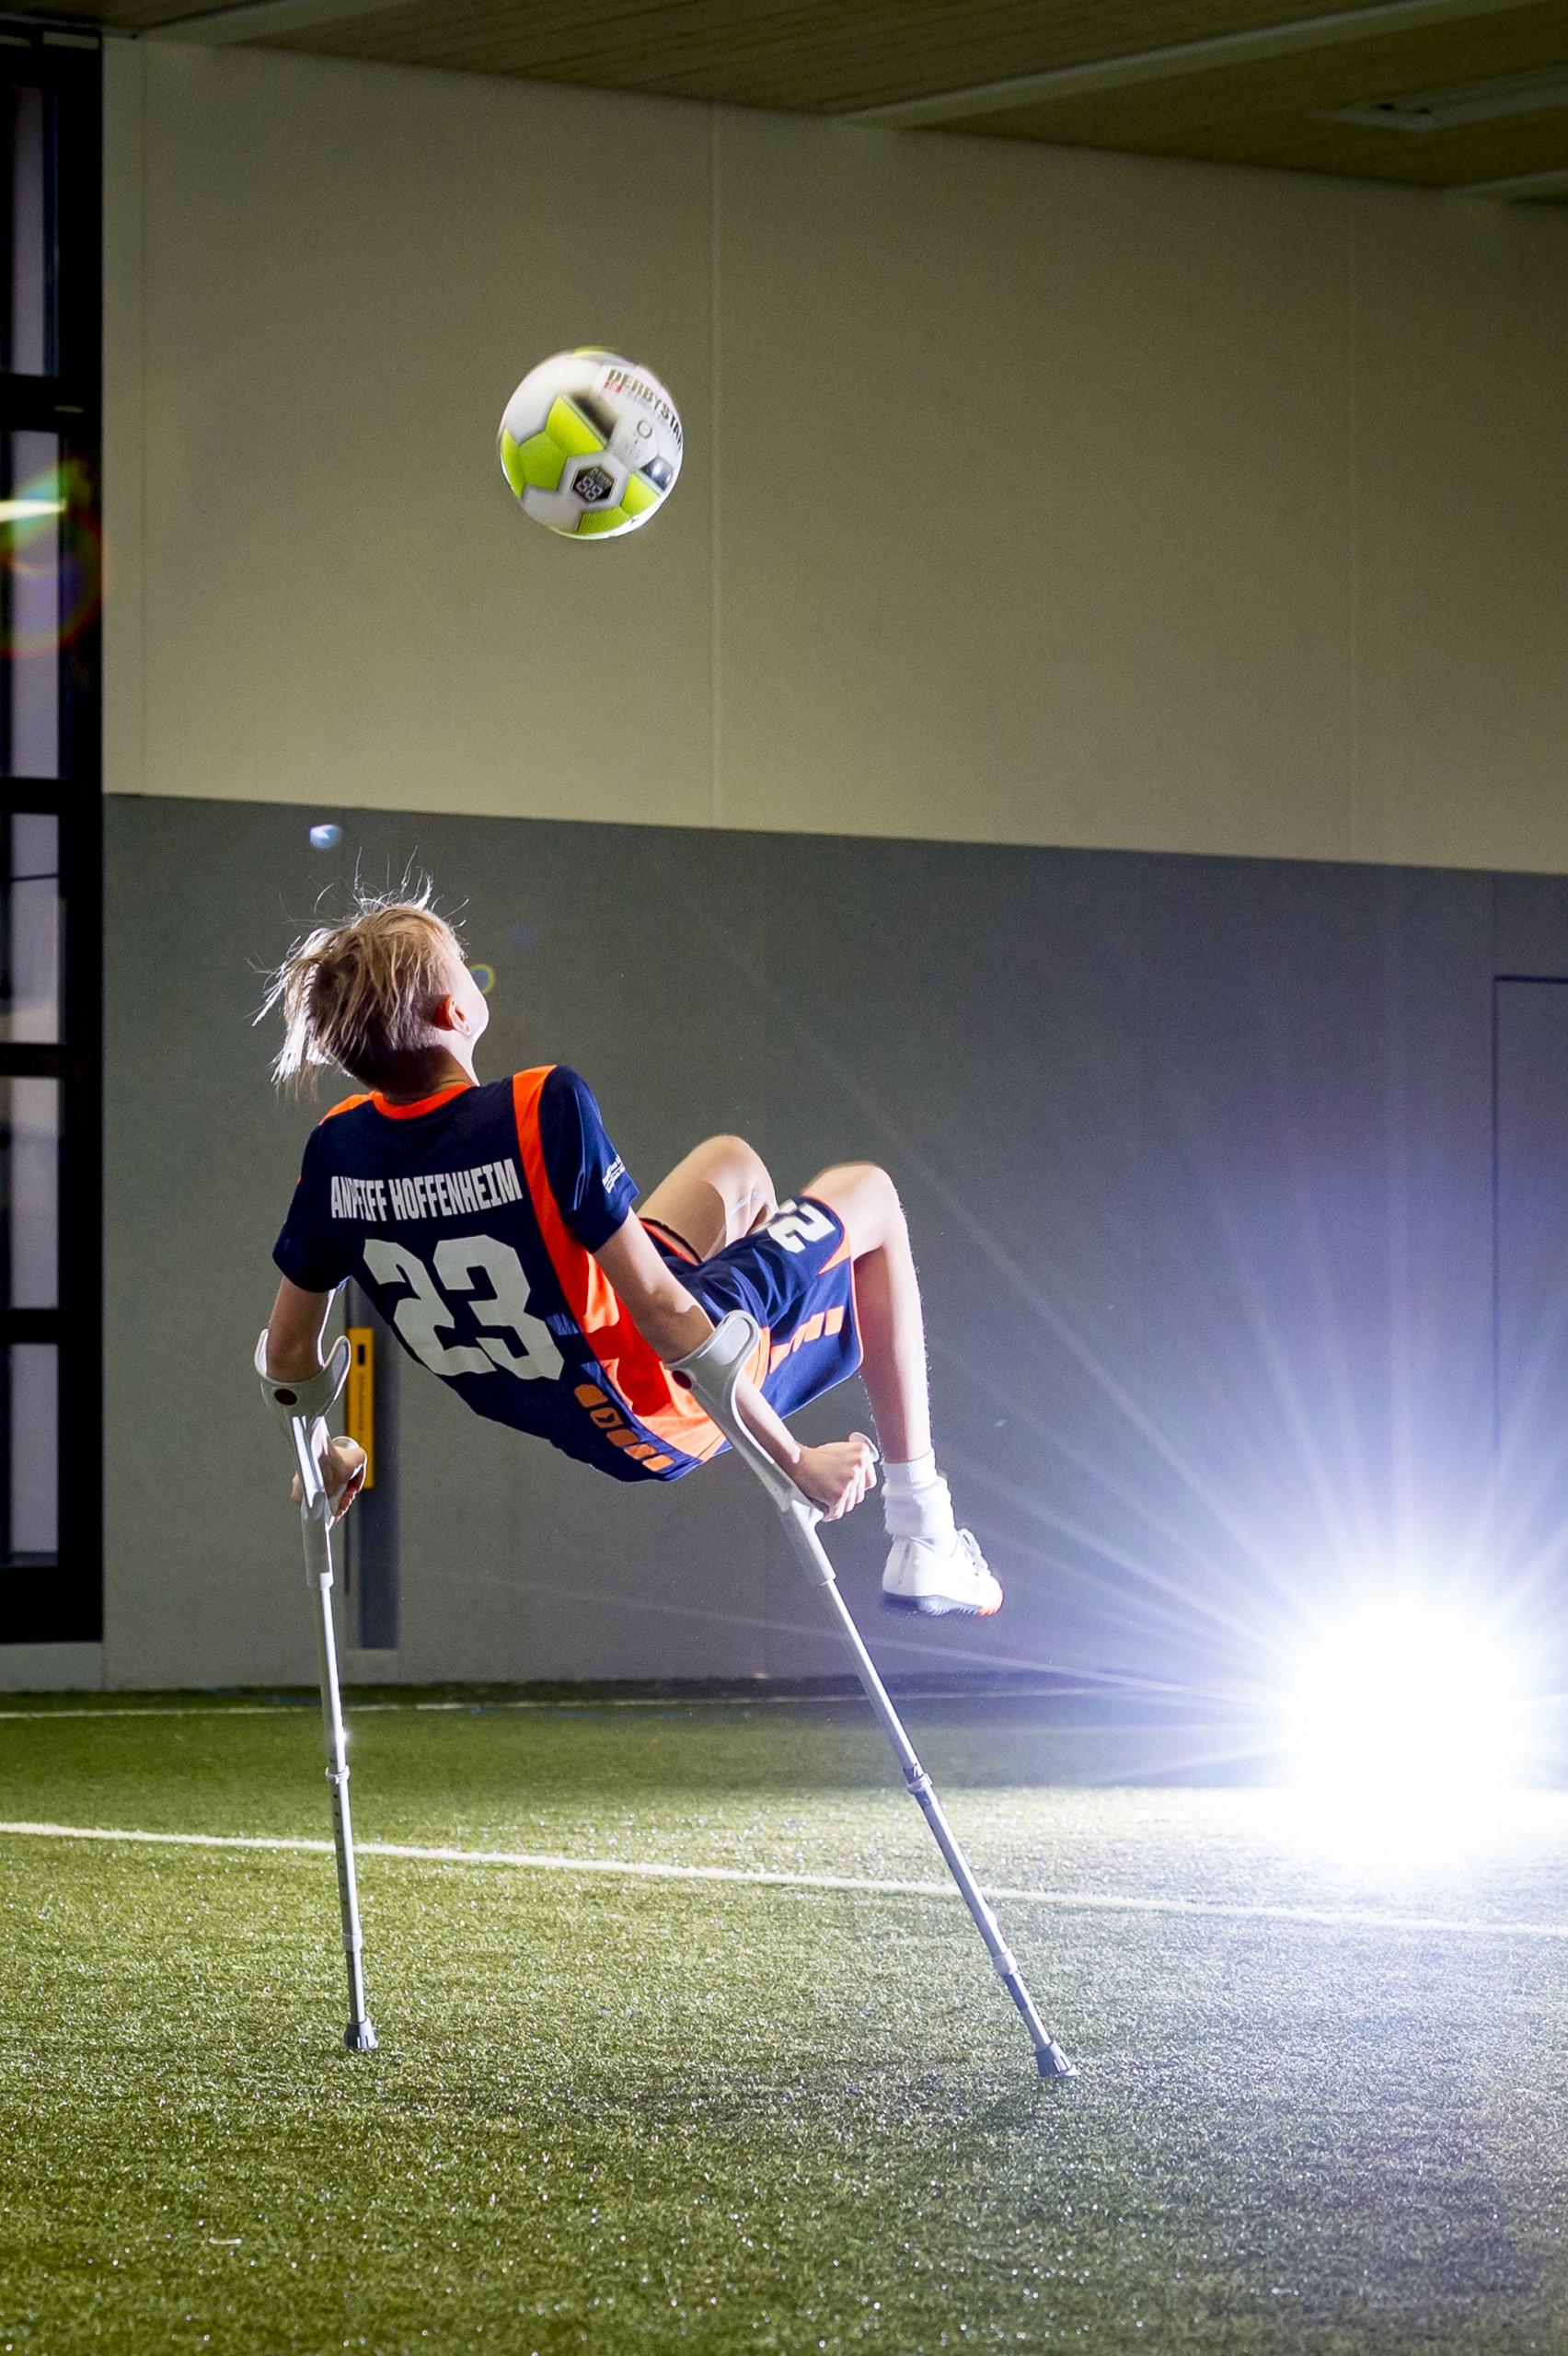 Jugendlicher einbeiniger Amputierten Fußballer auf Krücken beim Fallrückzieher in einer Kunstrasenhalle